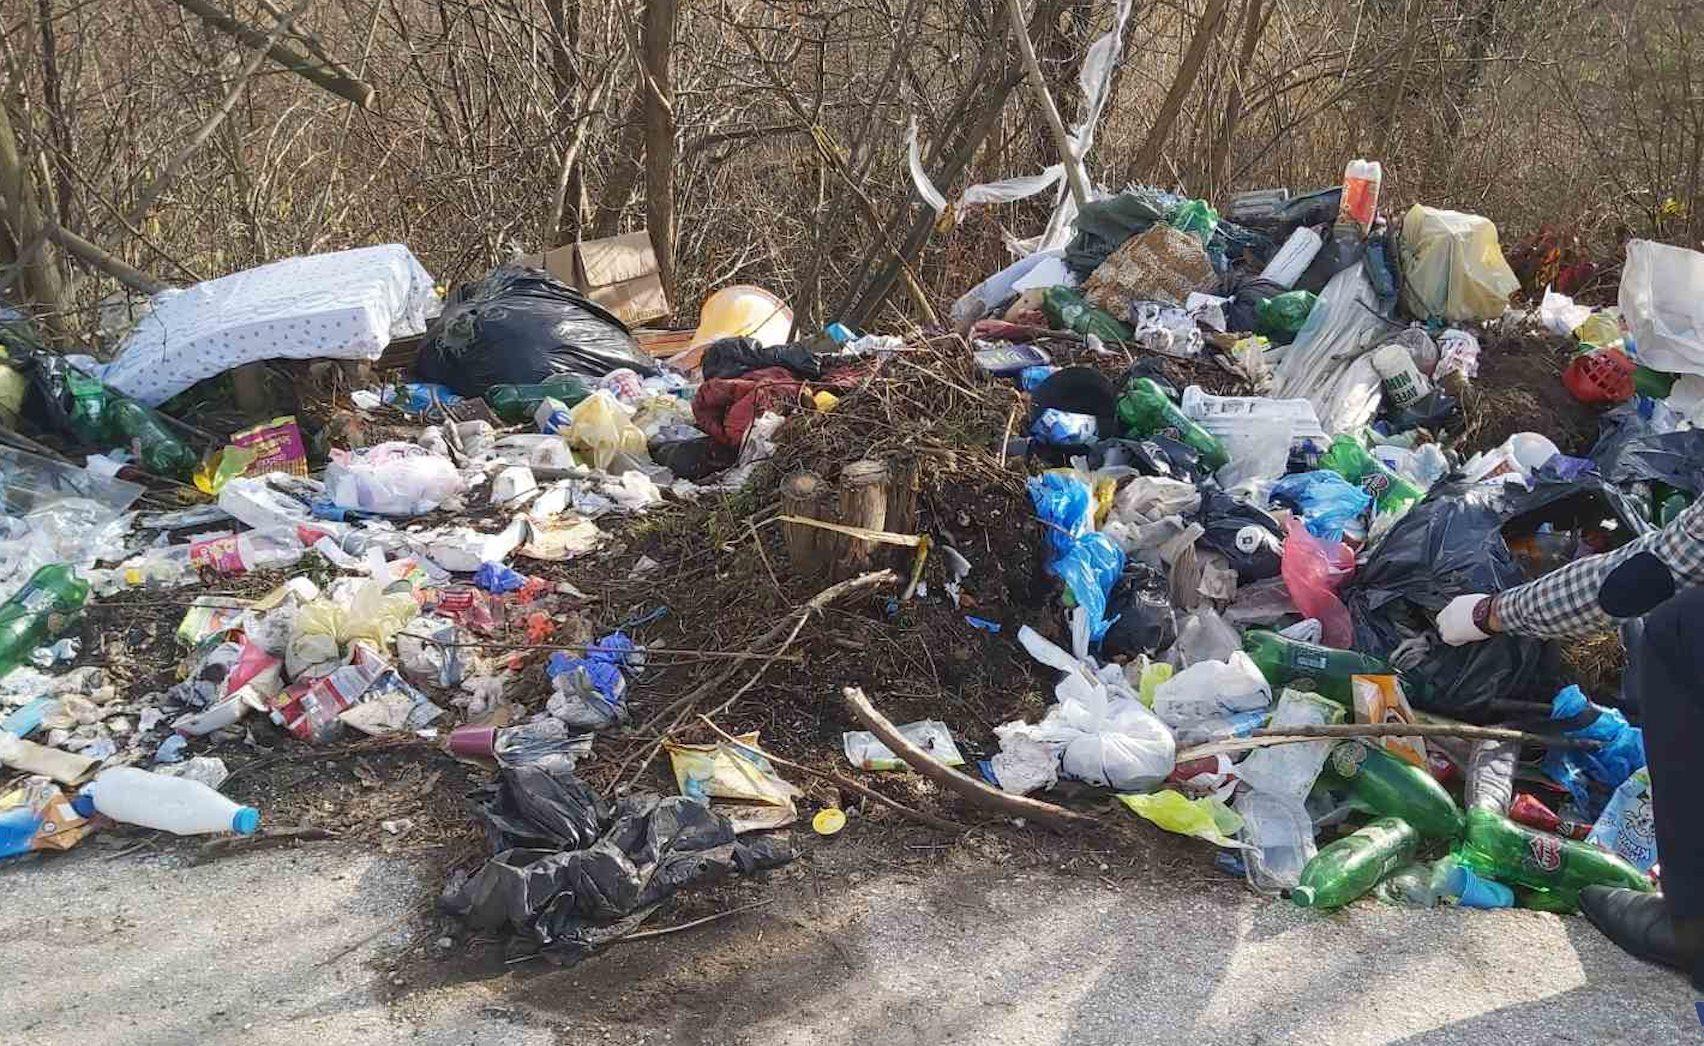 Prestanimo prljati grad: Kažnjeno 27 građana zbog smeća